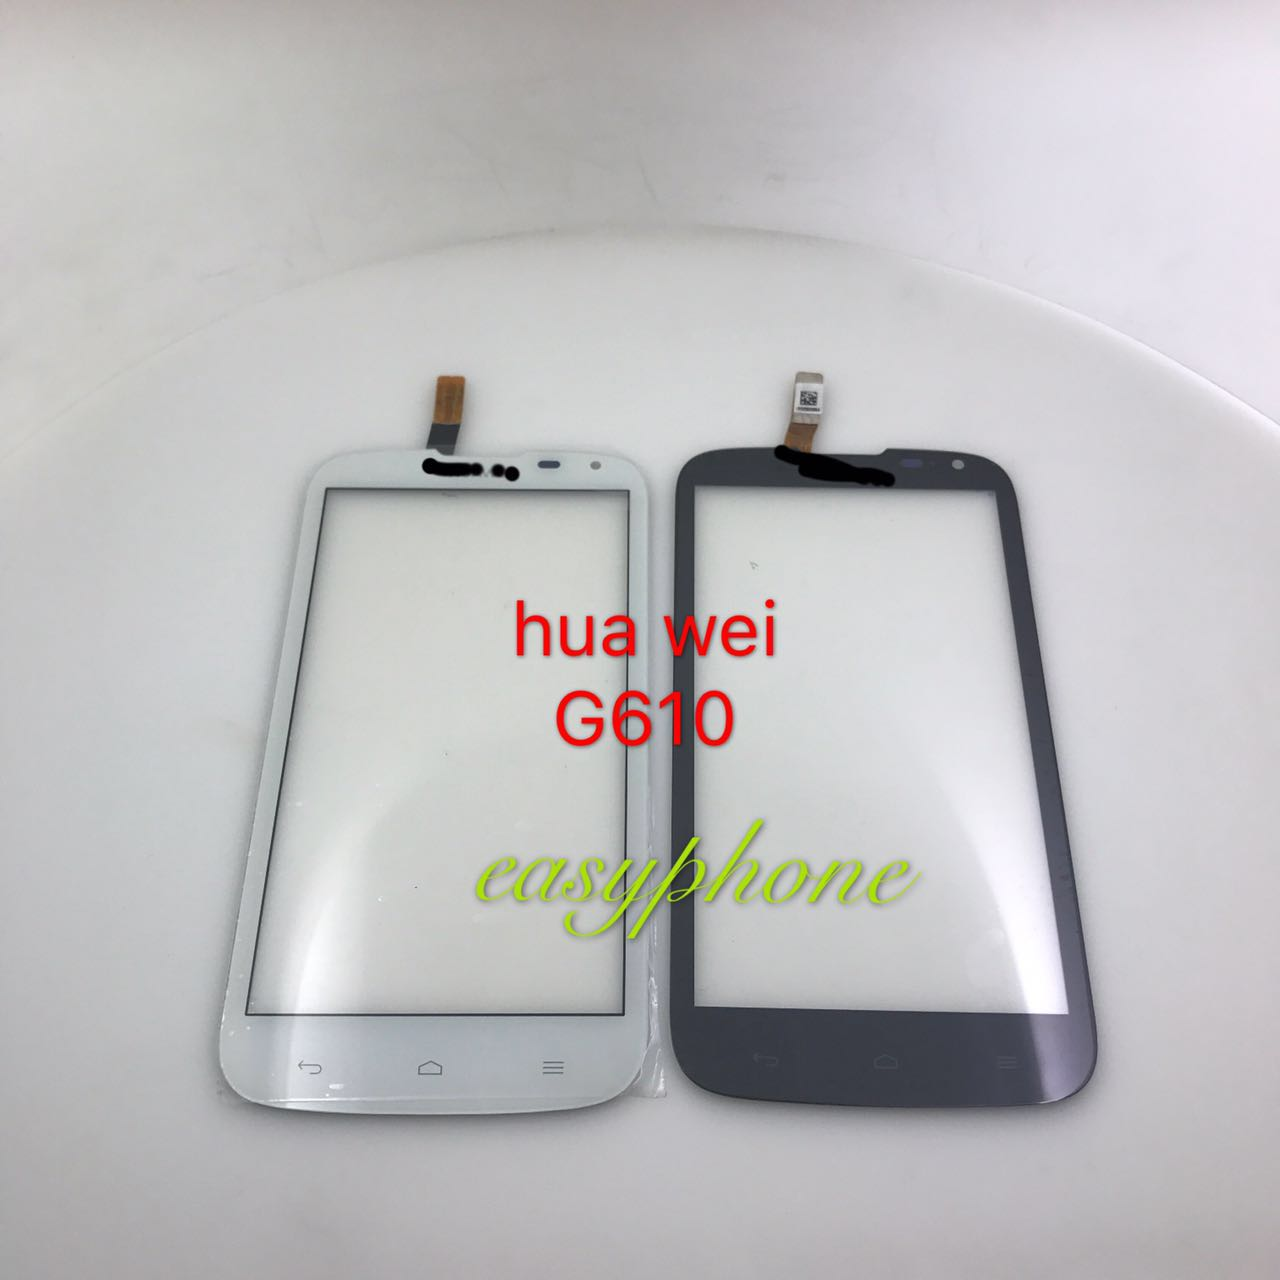 ทับกรัน HUAWEI G610 // มีสีขาว、สีดำ